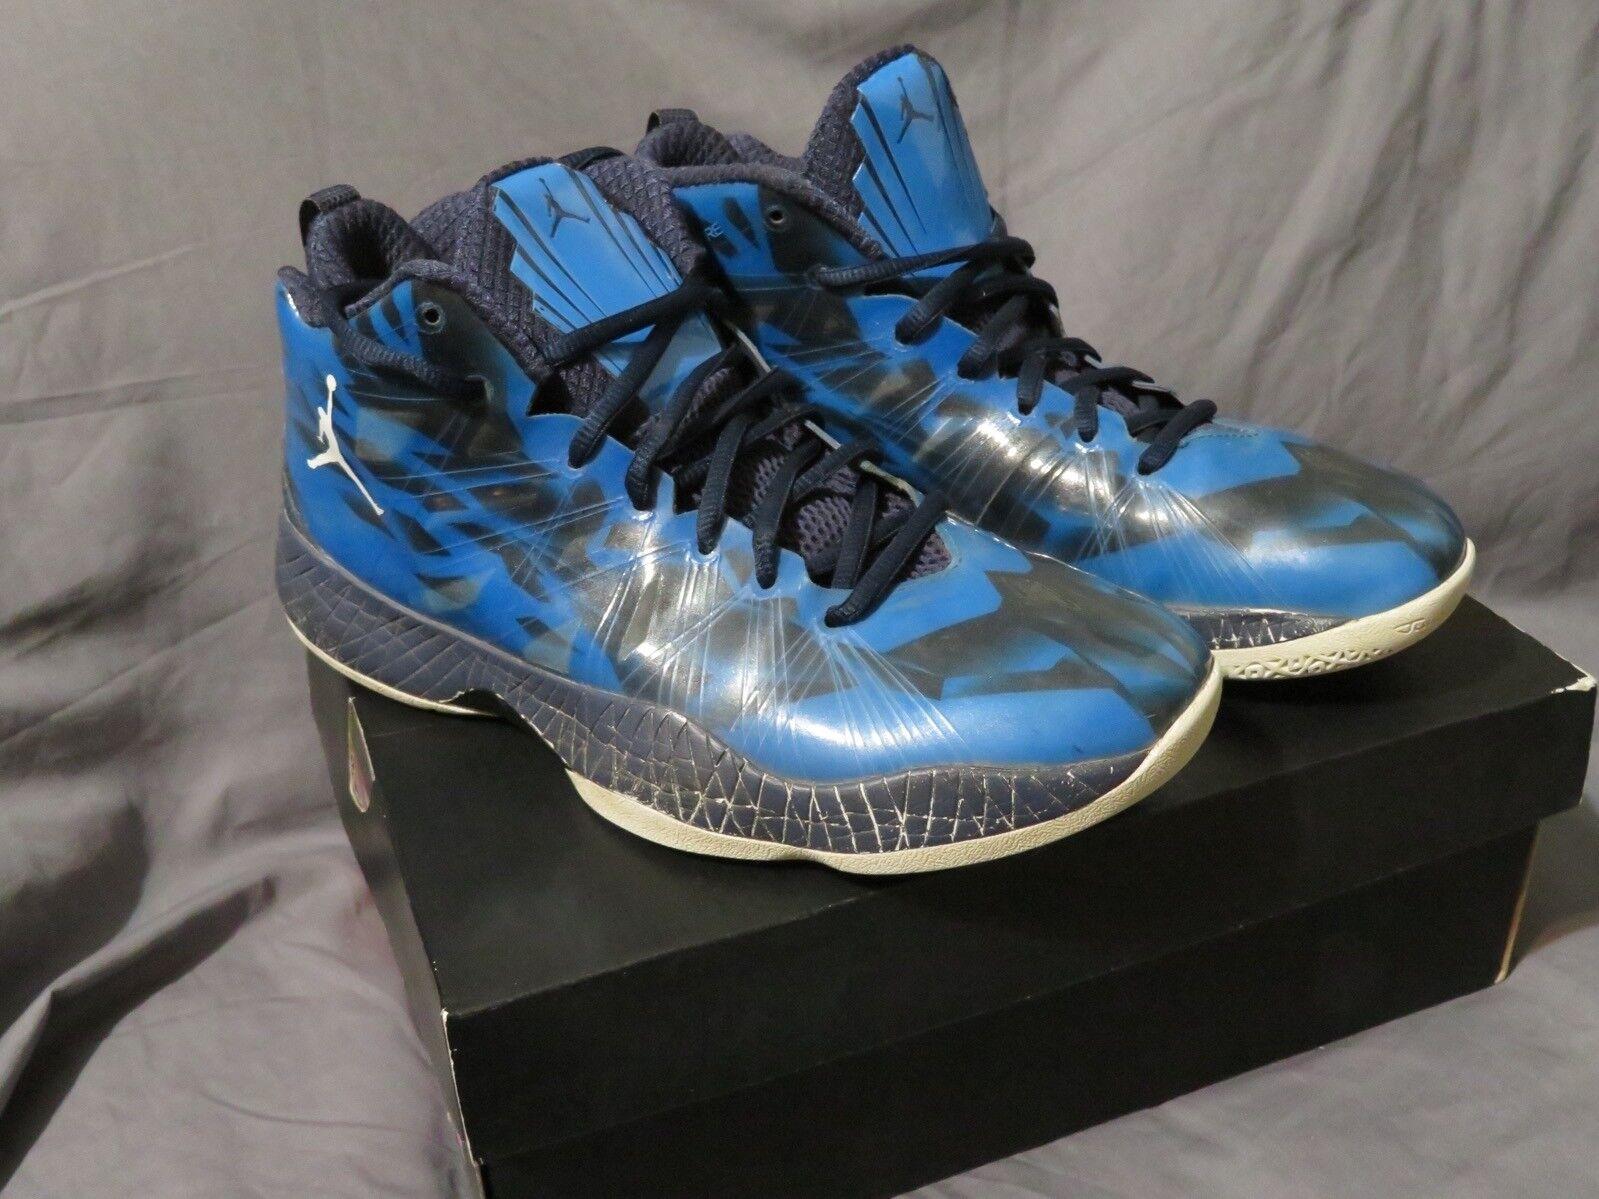 Herren Air Jordan 2012 Lite Ev Schuhe Foto Blau Weiß Schwarz 535859 407 Größe